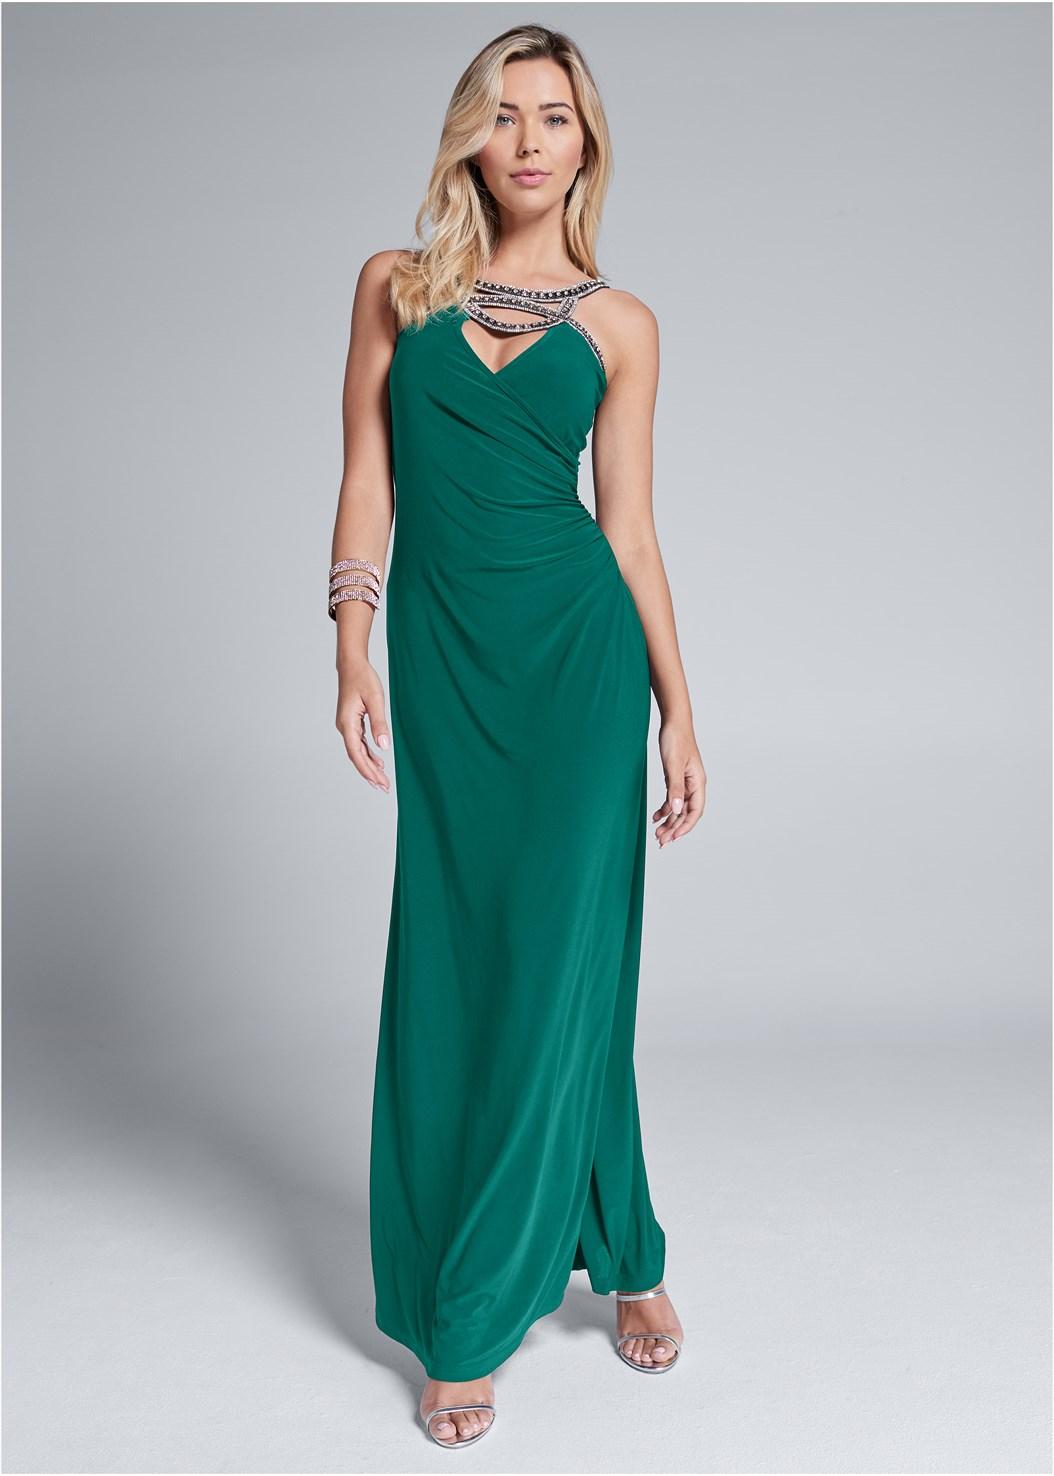 Embellished Trim Long Dress,High Heel Strappy Sandals